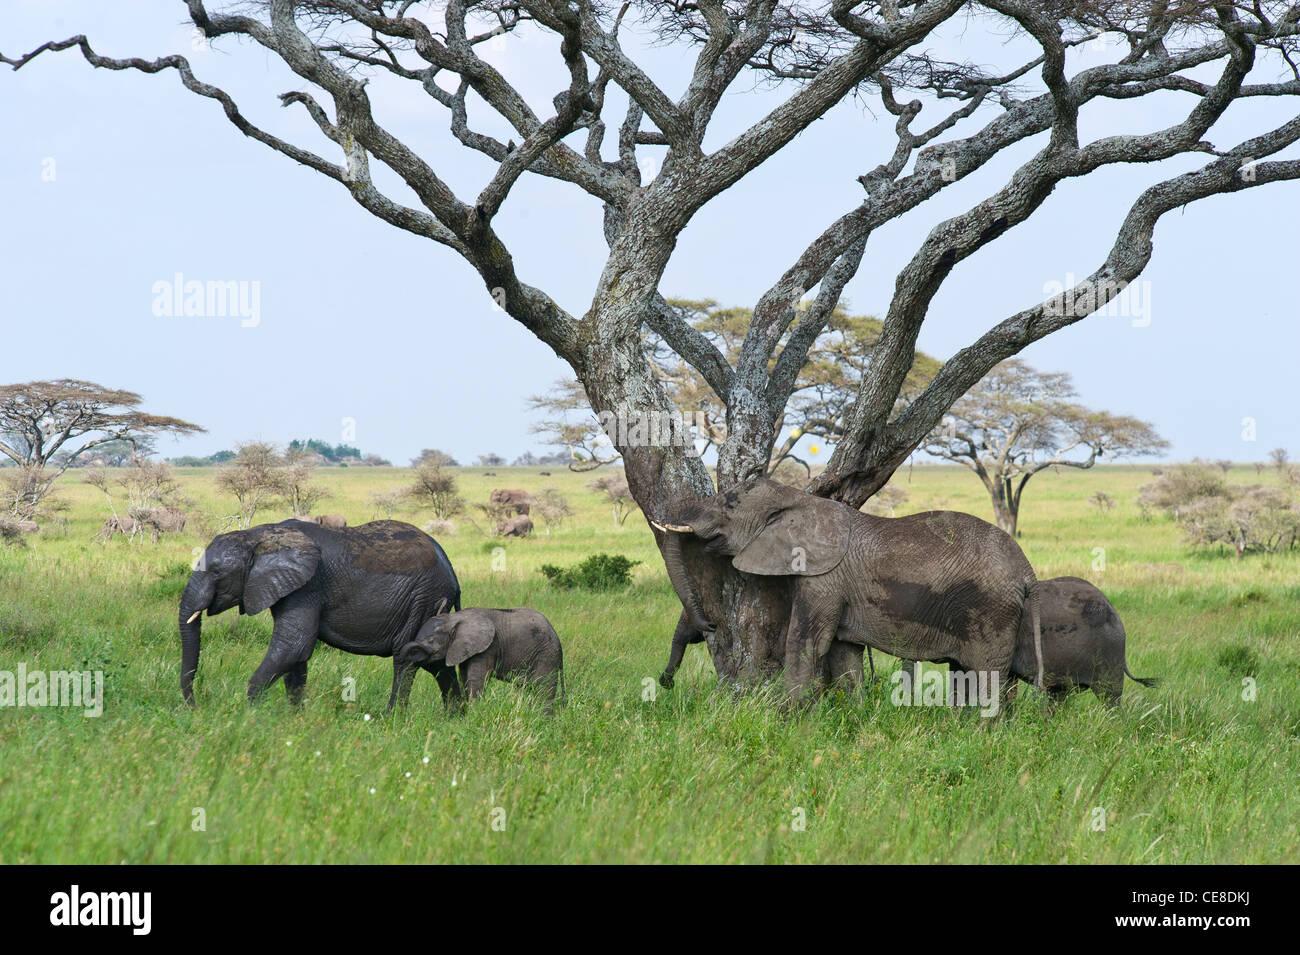 Elephant group Loxodonta africana at Seronera in Serengeti, Tanzania - Stock Image